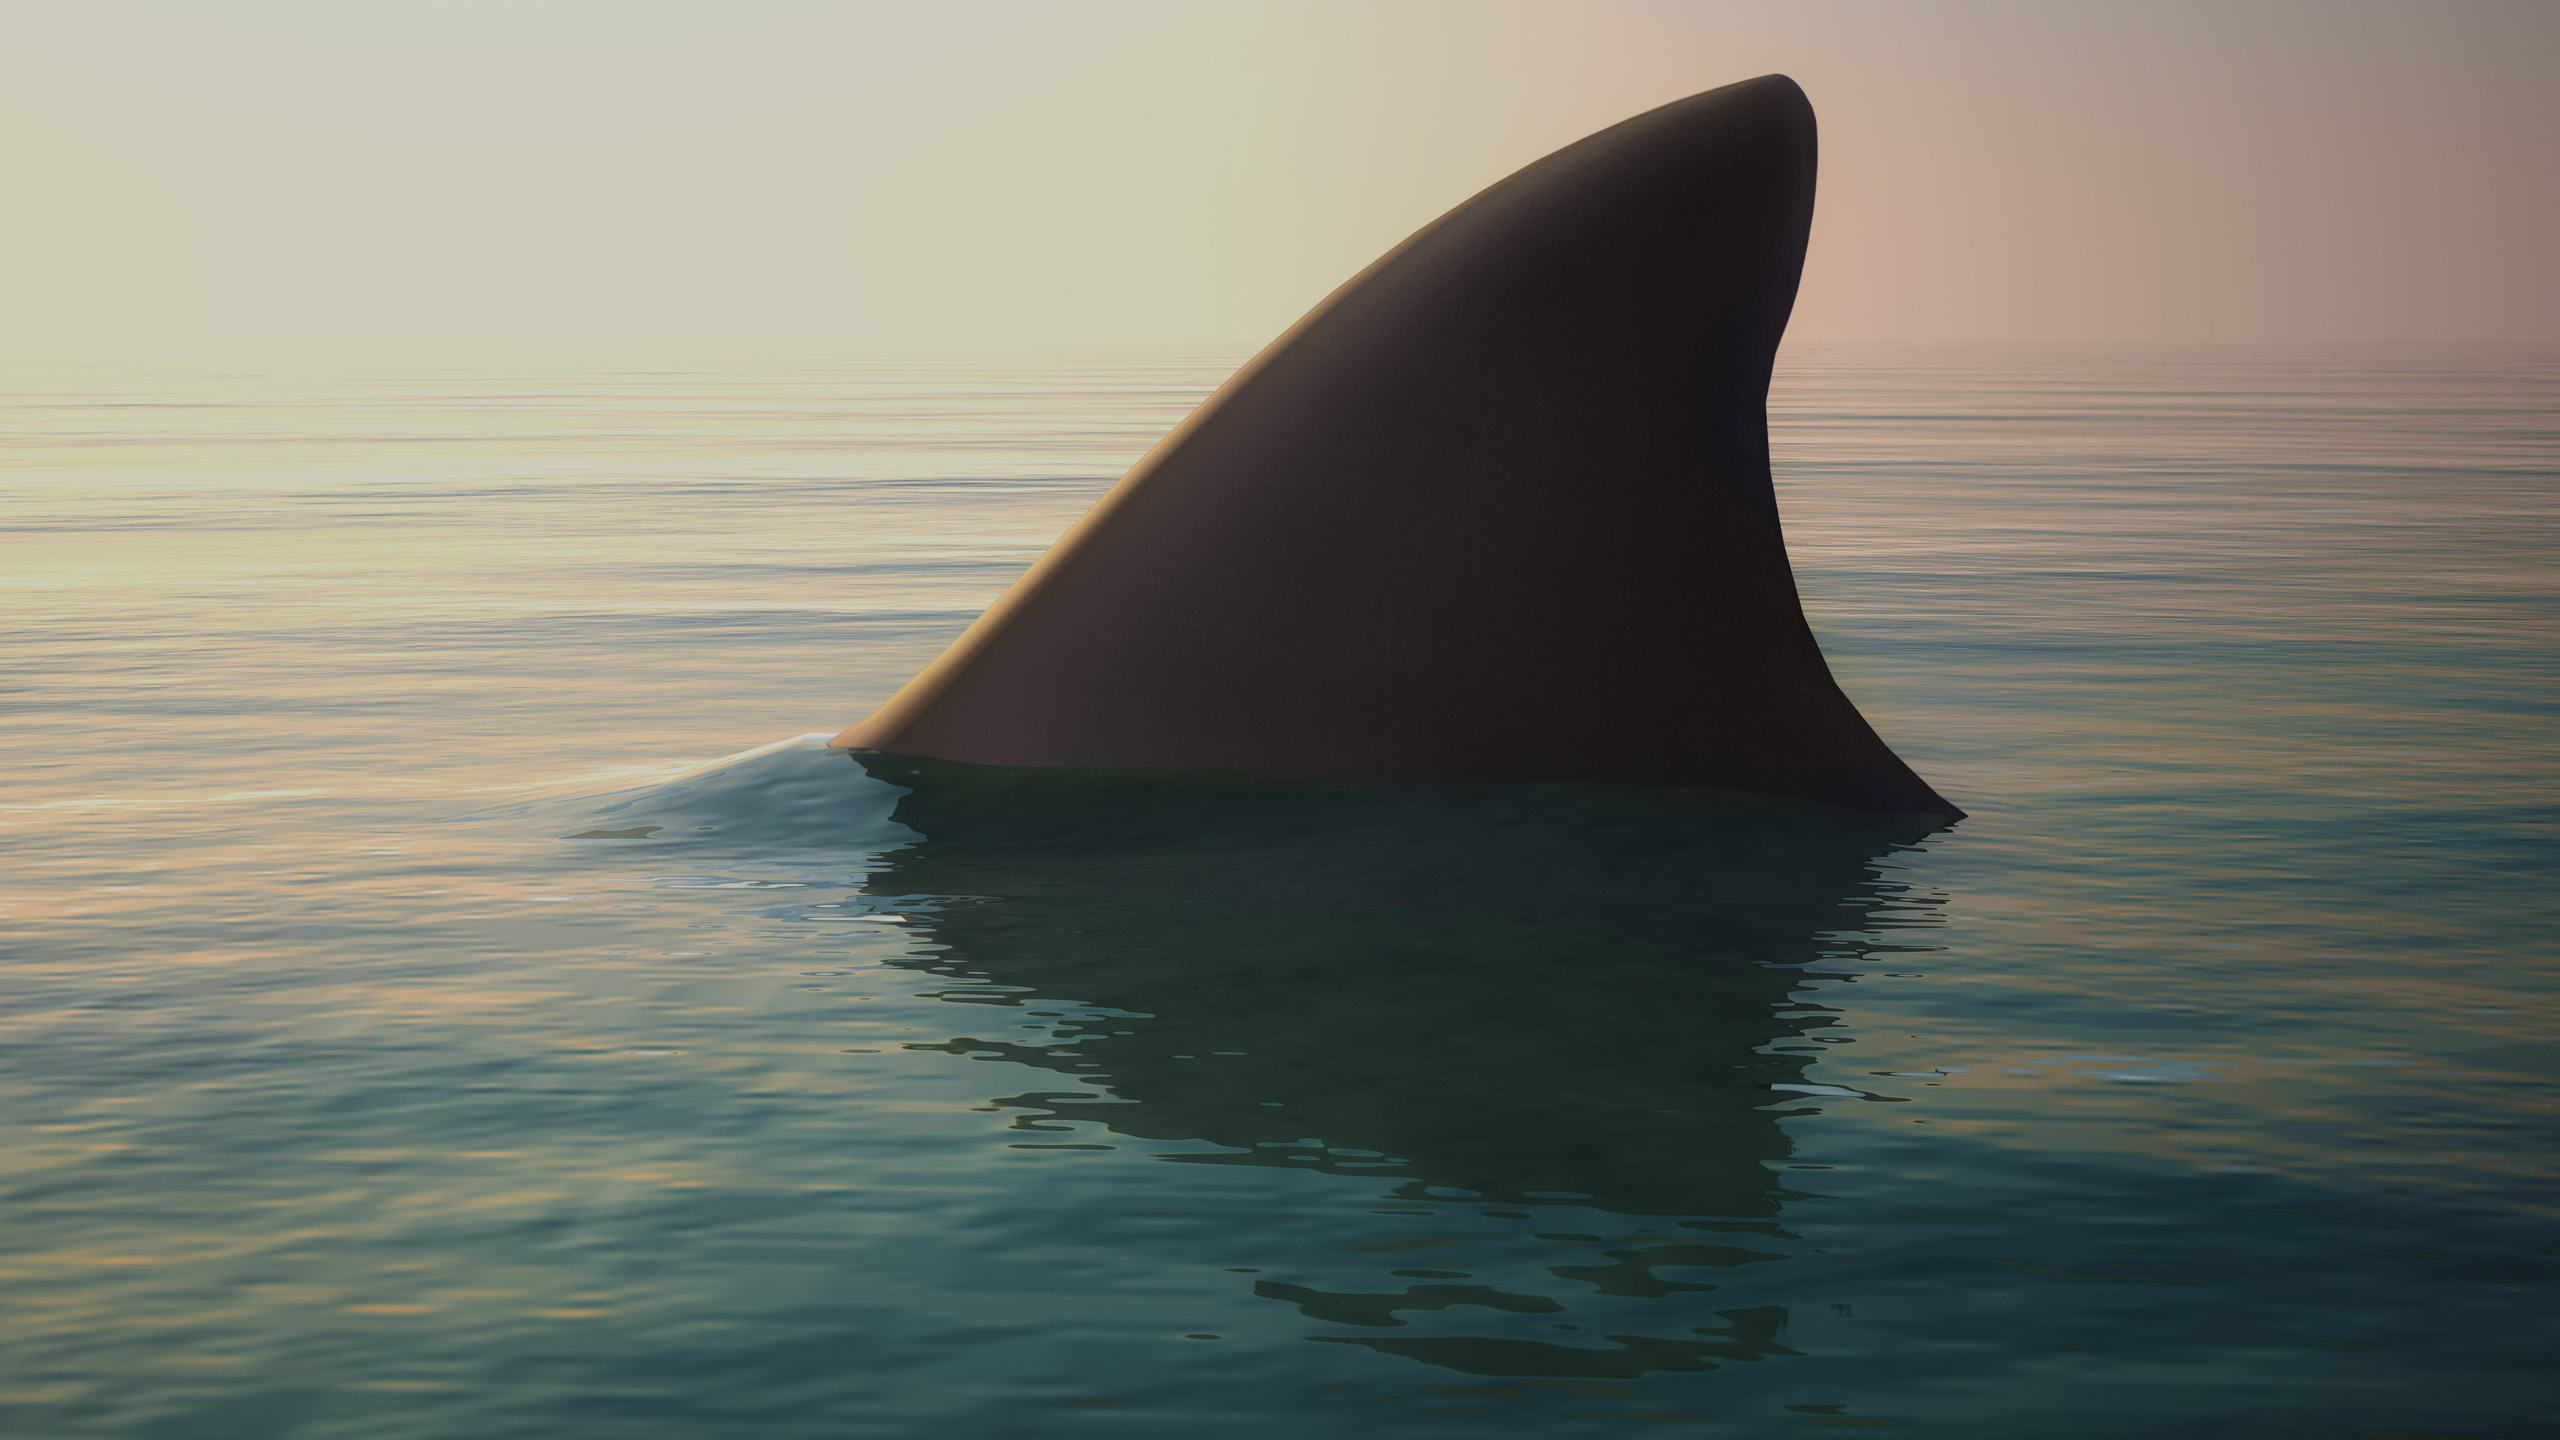 sliderbg-2540x1440px-shark